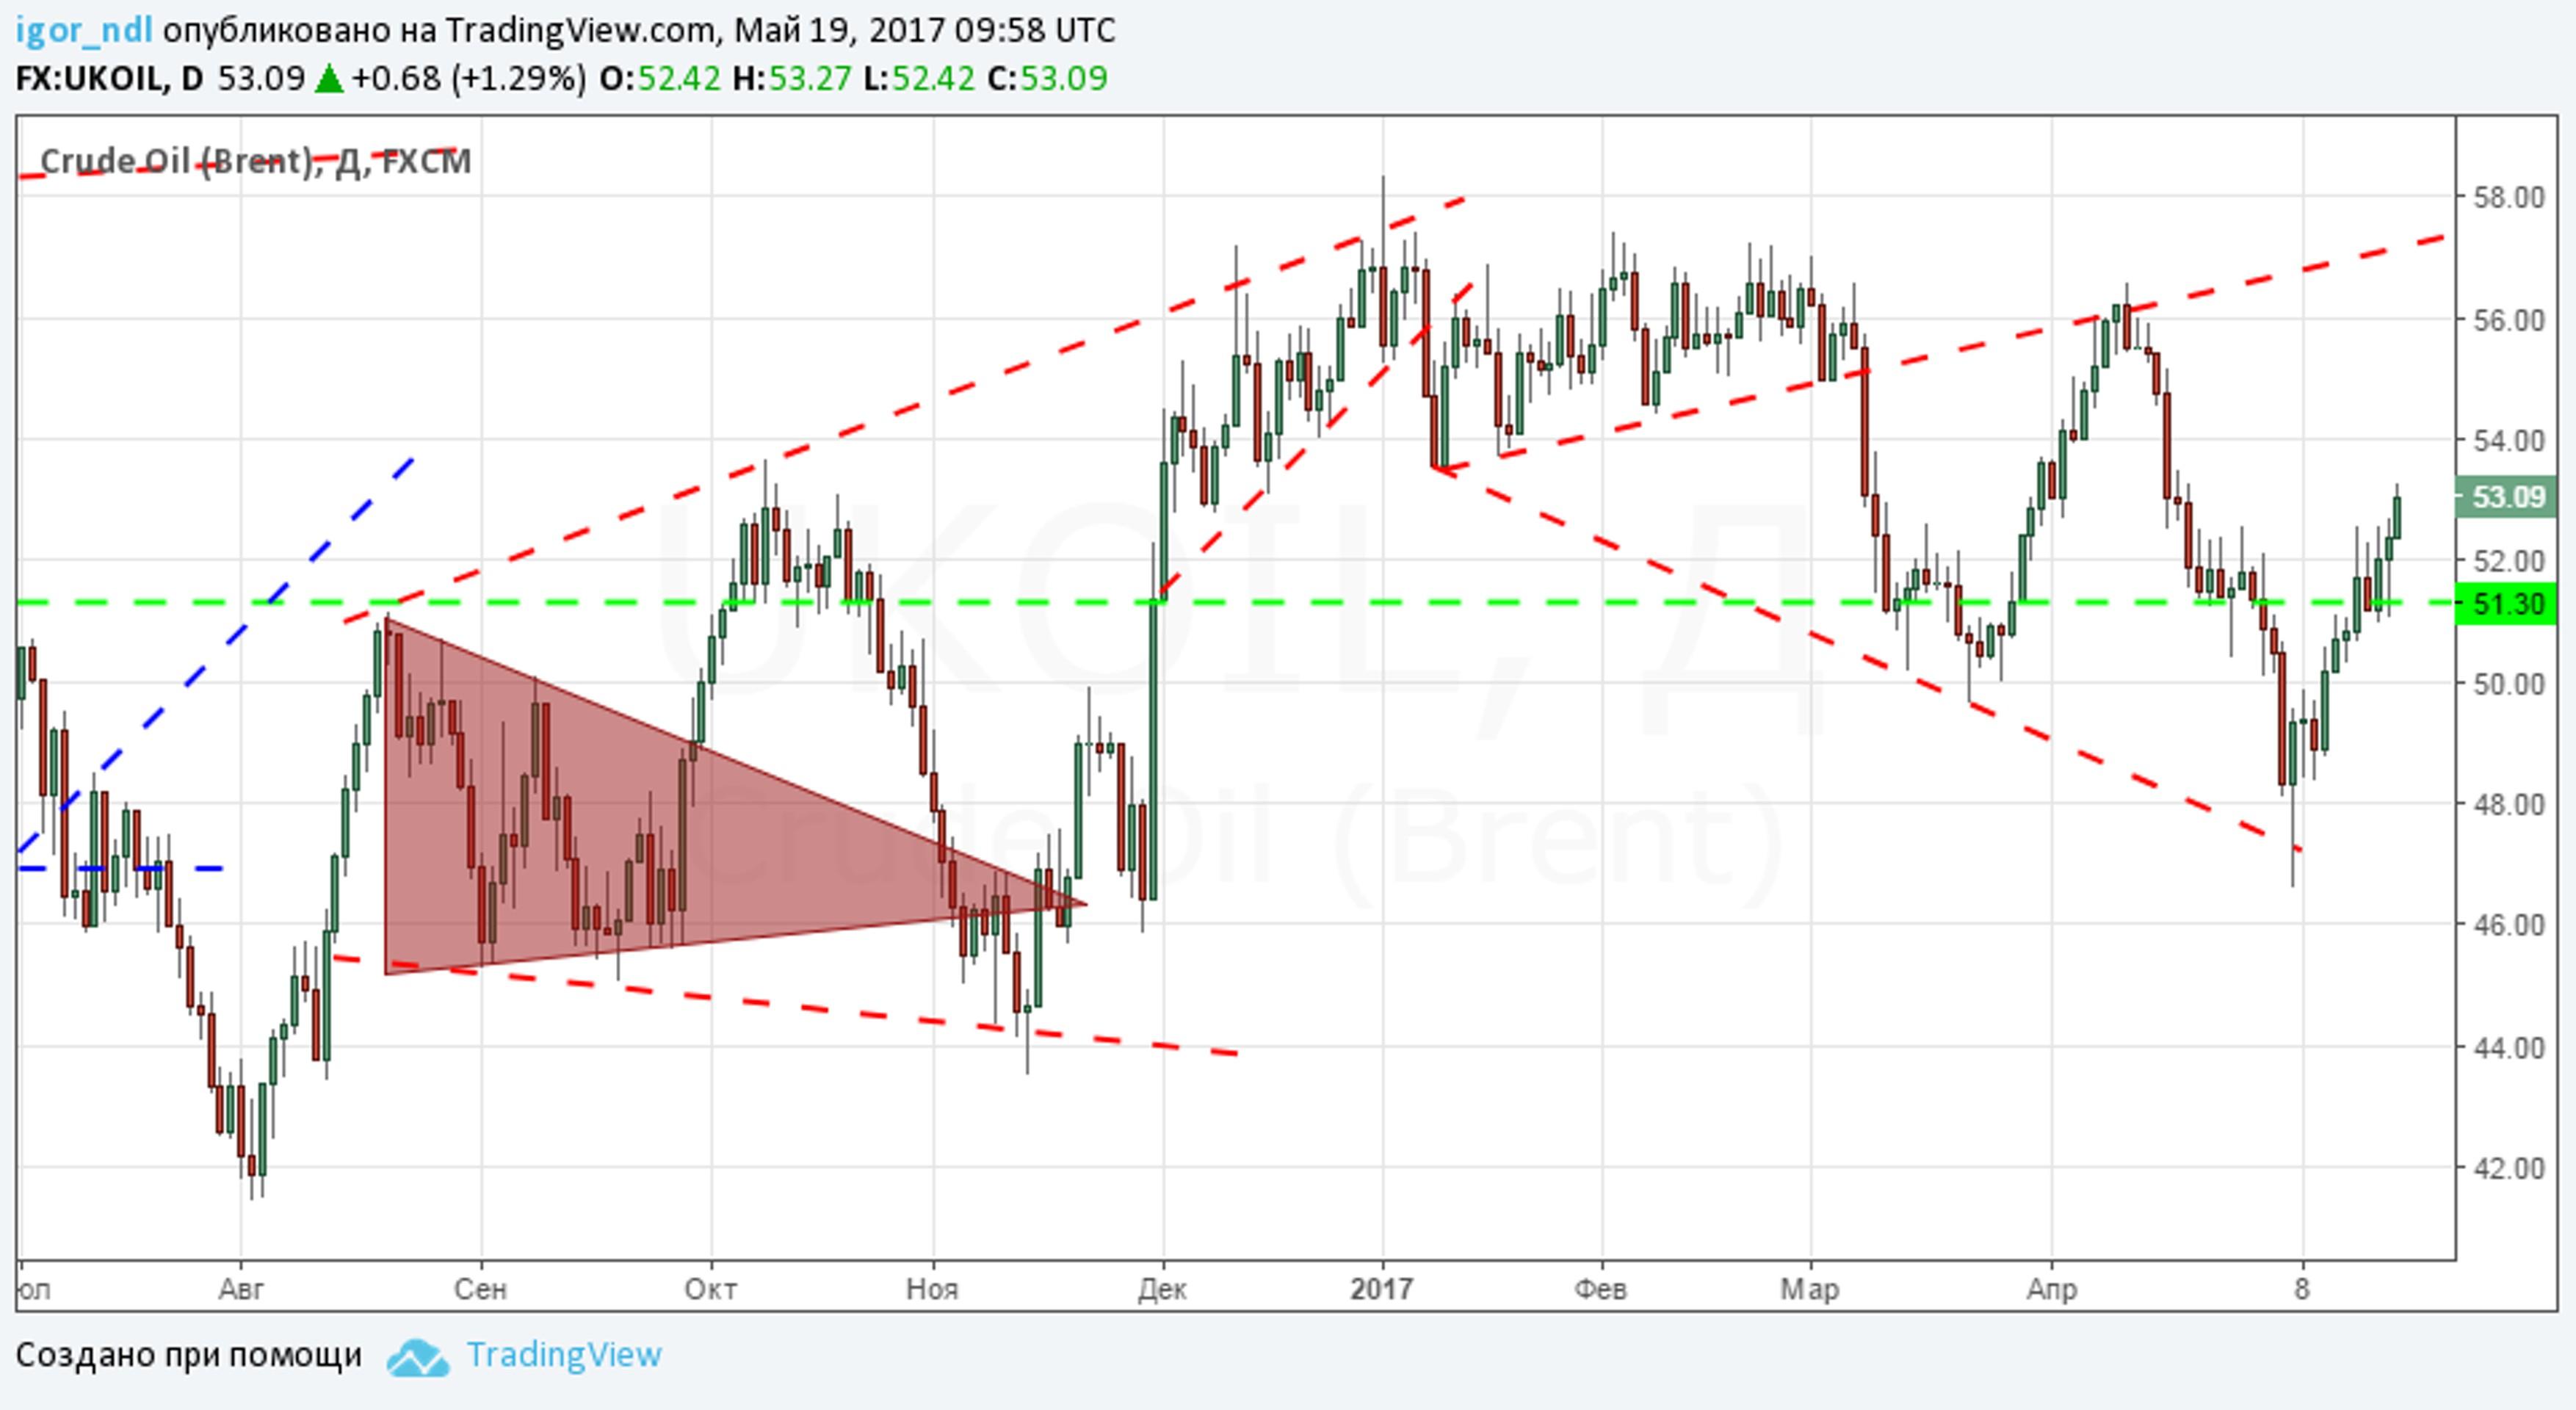 Рубль: очередной рост и риски пузыря